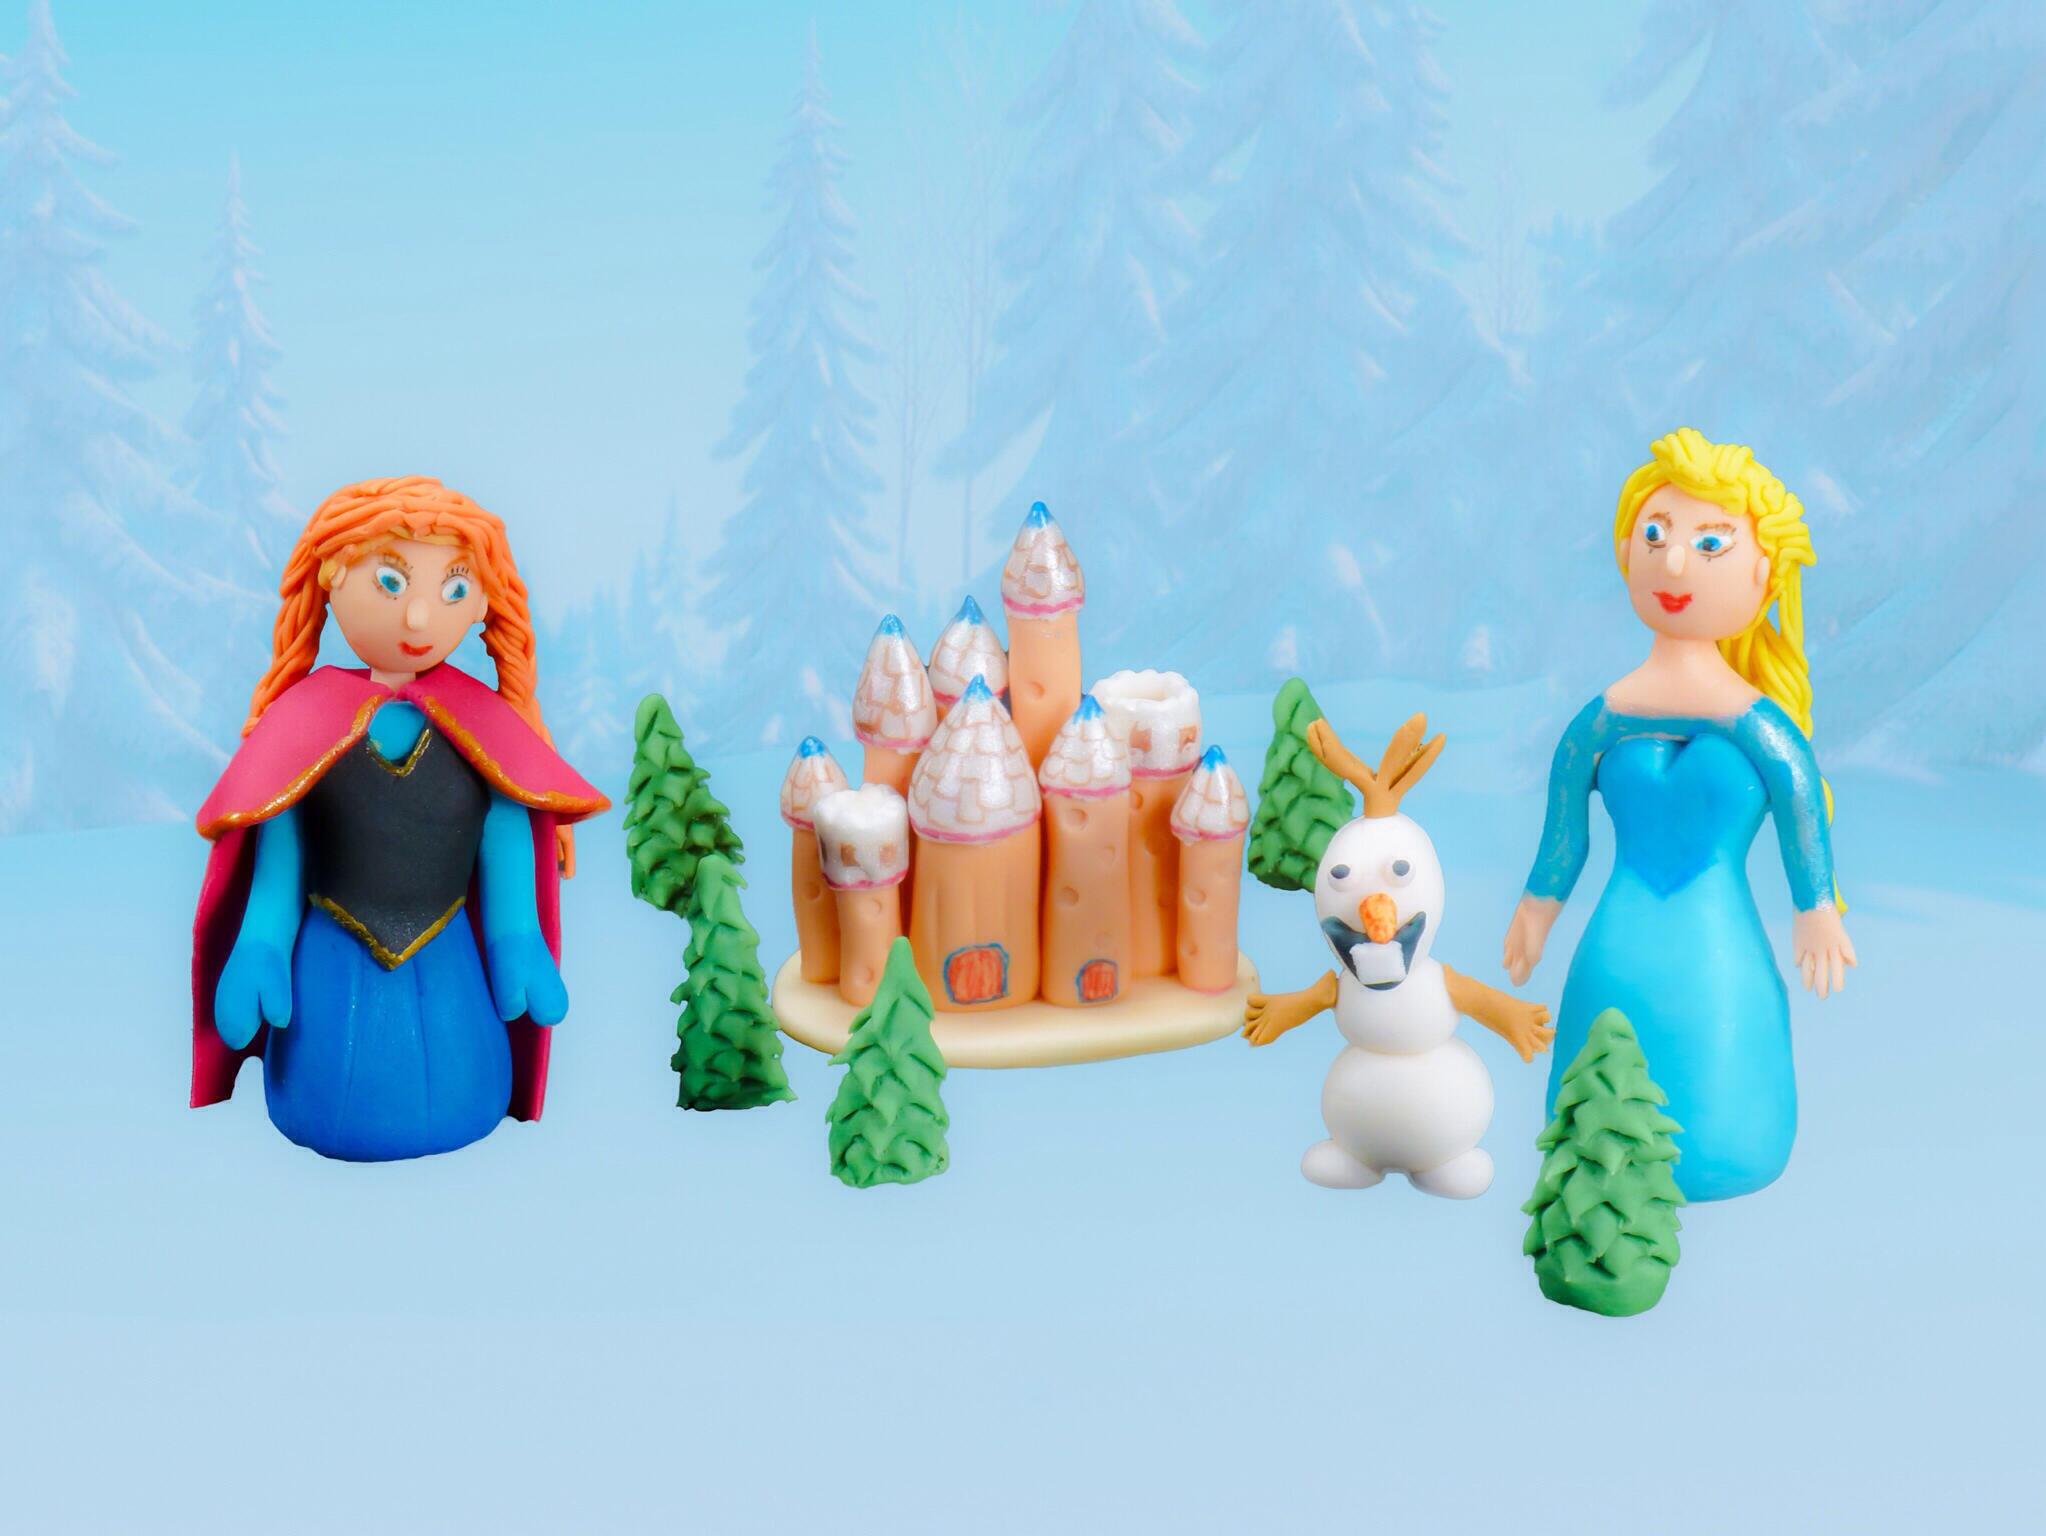 Bánh cake hình nhân vật trong phim hoạt hình Nữ hoàng băng tuyết của Walt Disney.